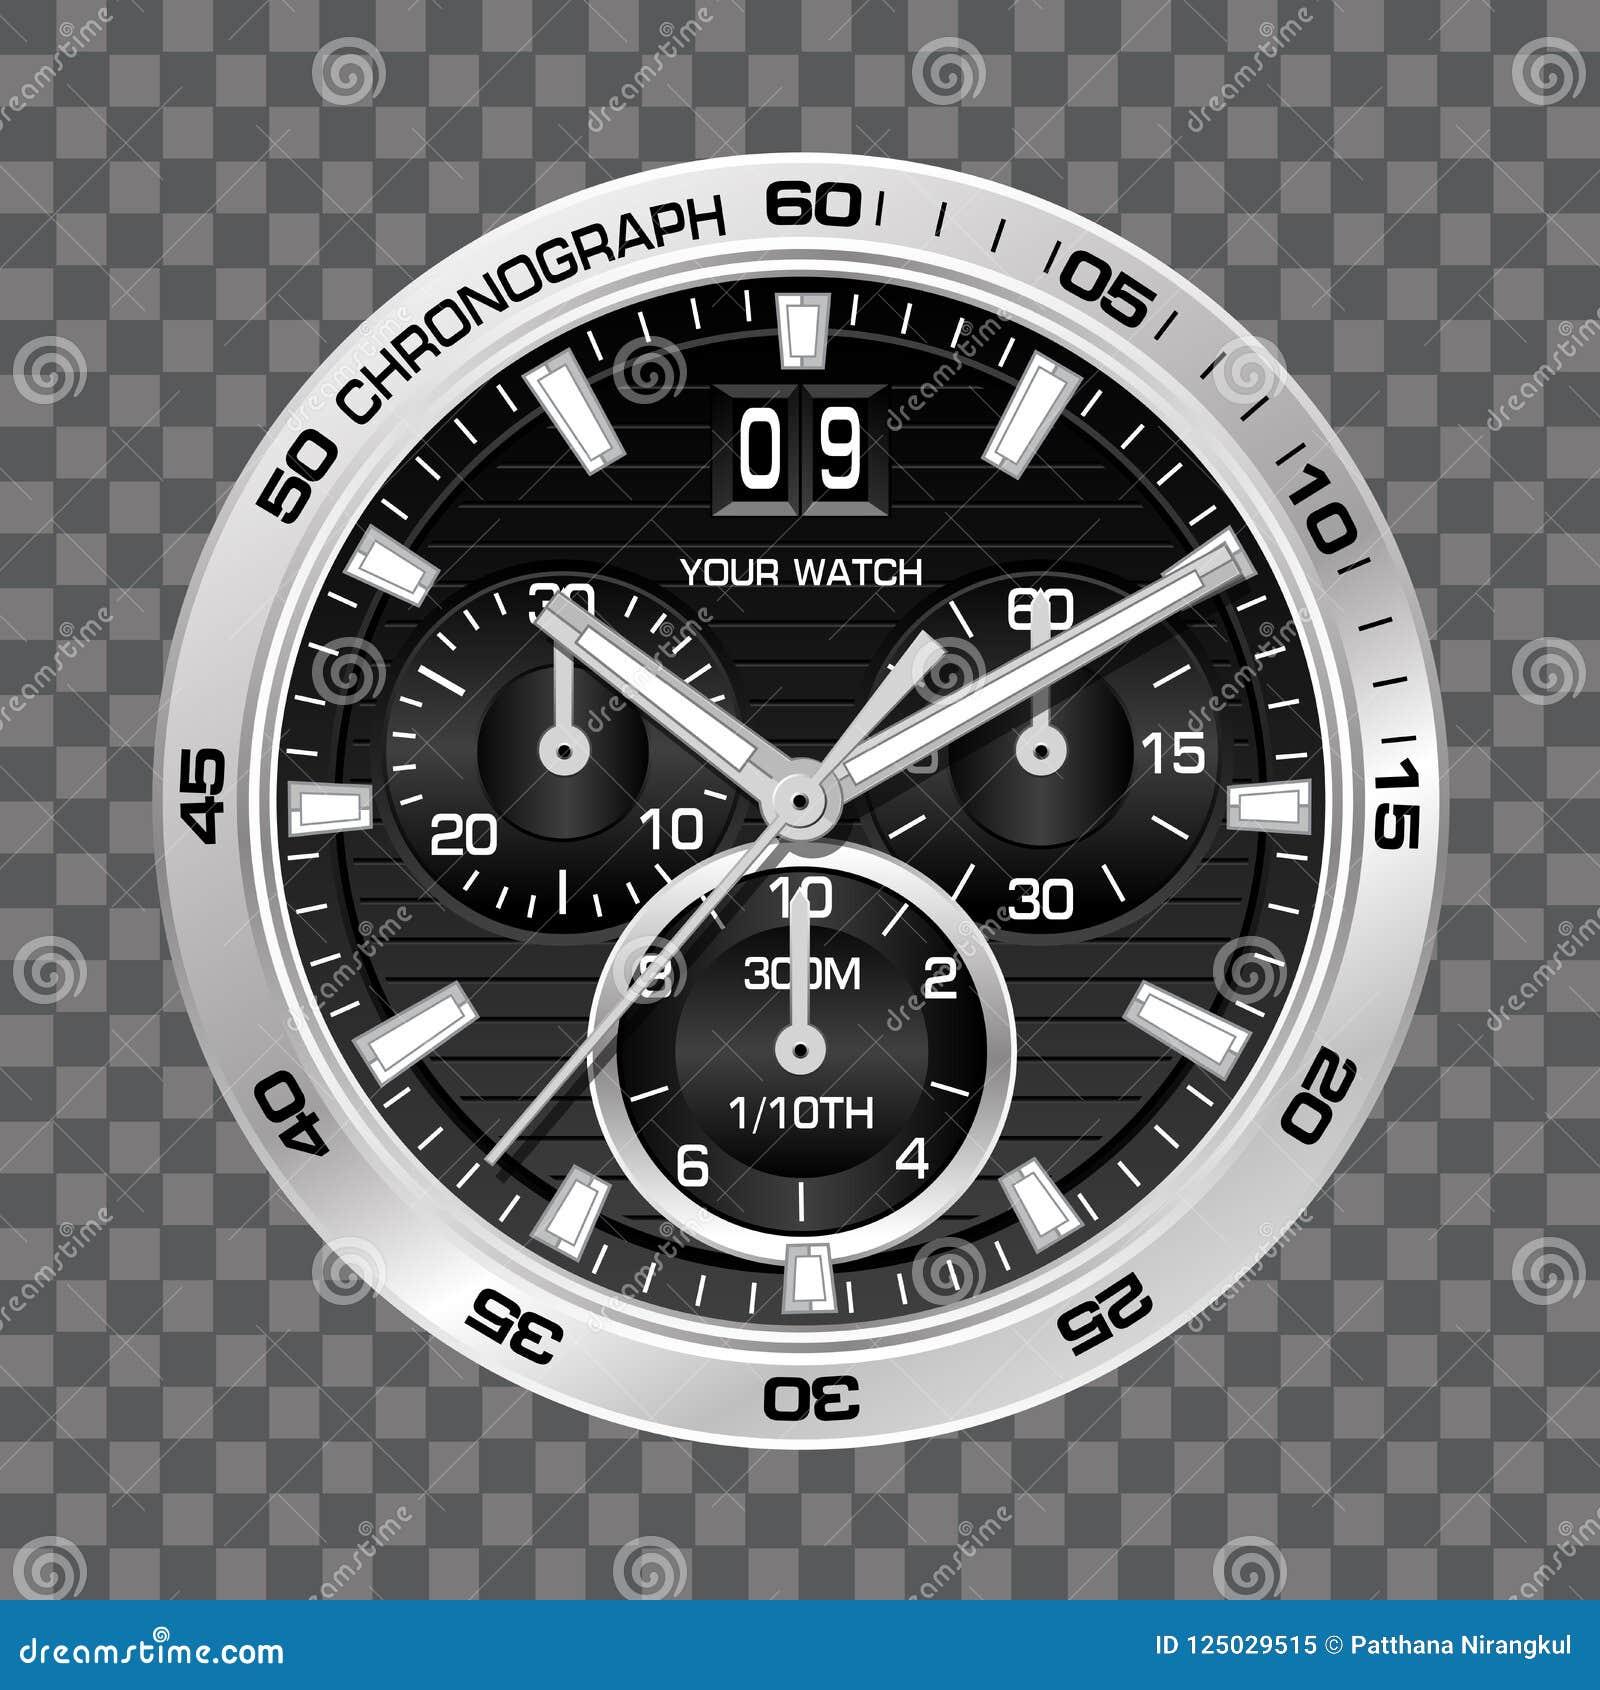 Luxo de prata da cara do cronógrafo do pulso de disparo do relógio no vetor quadriculado cinzento do fundo